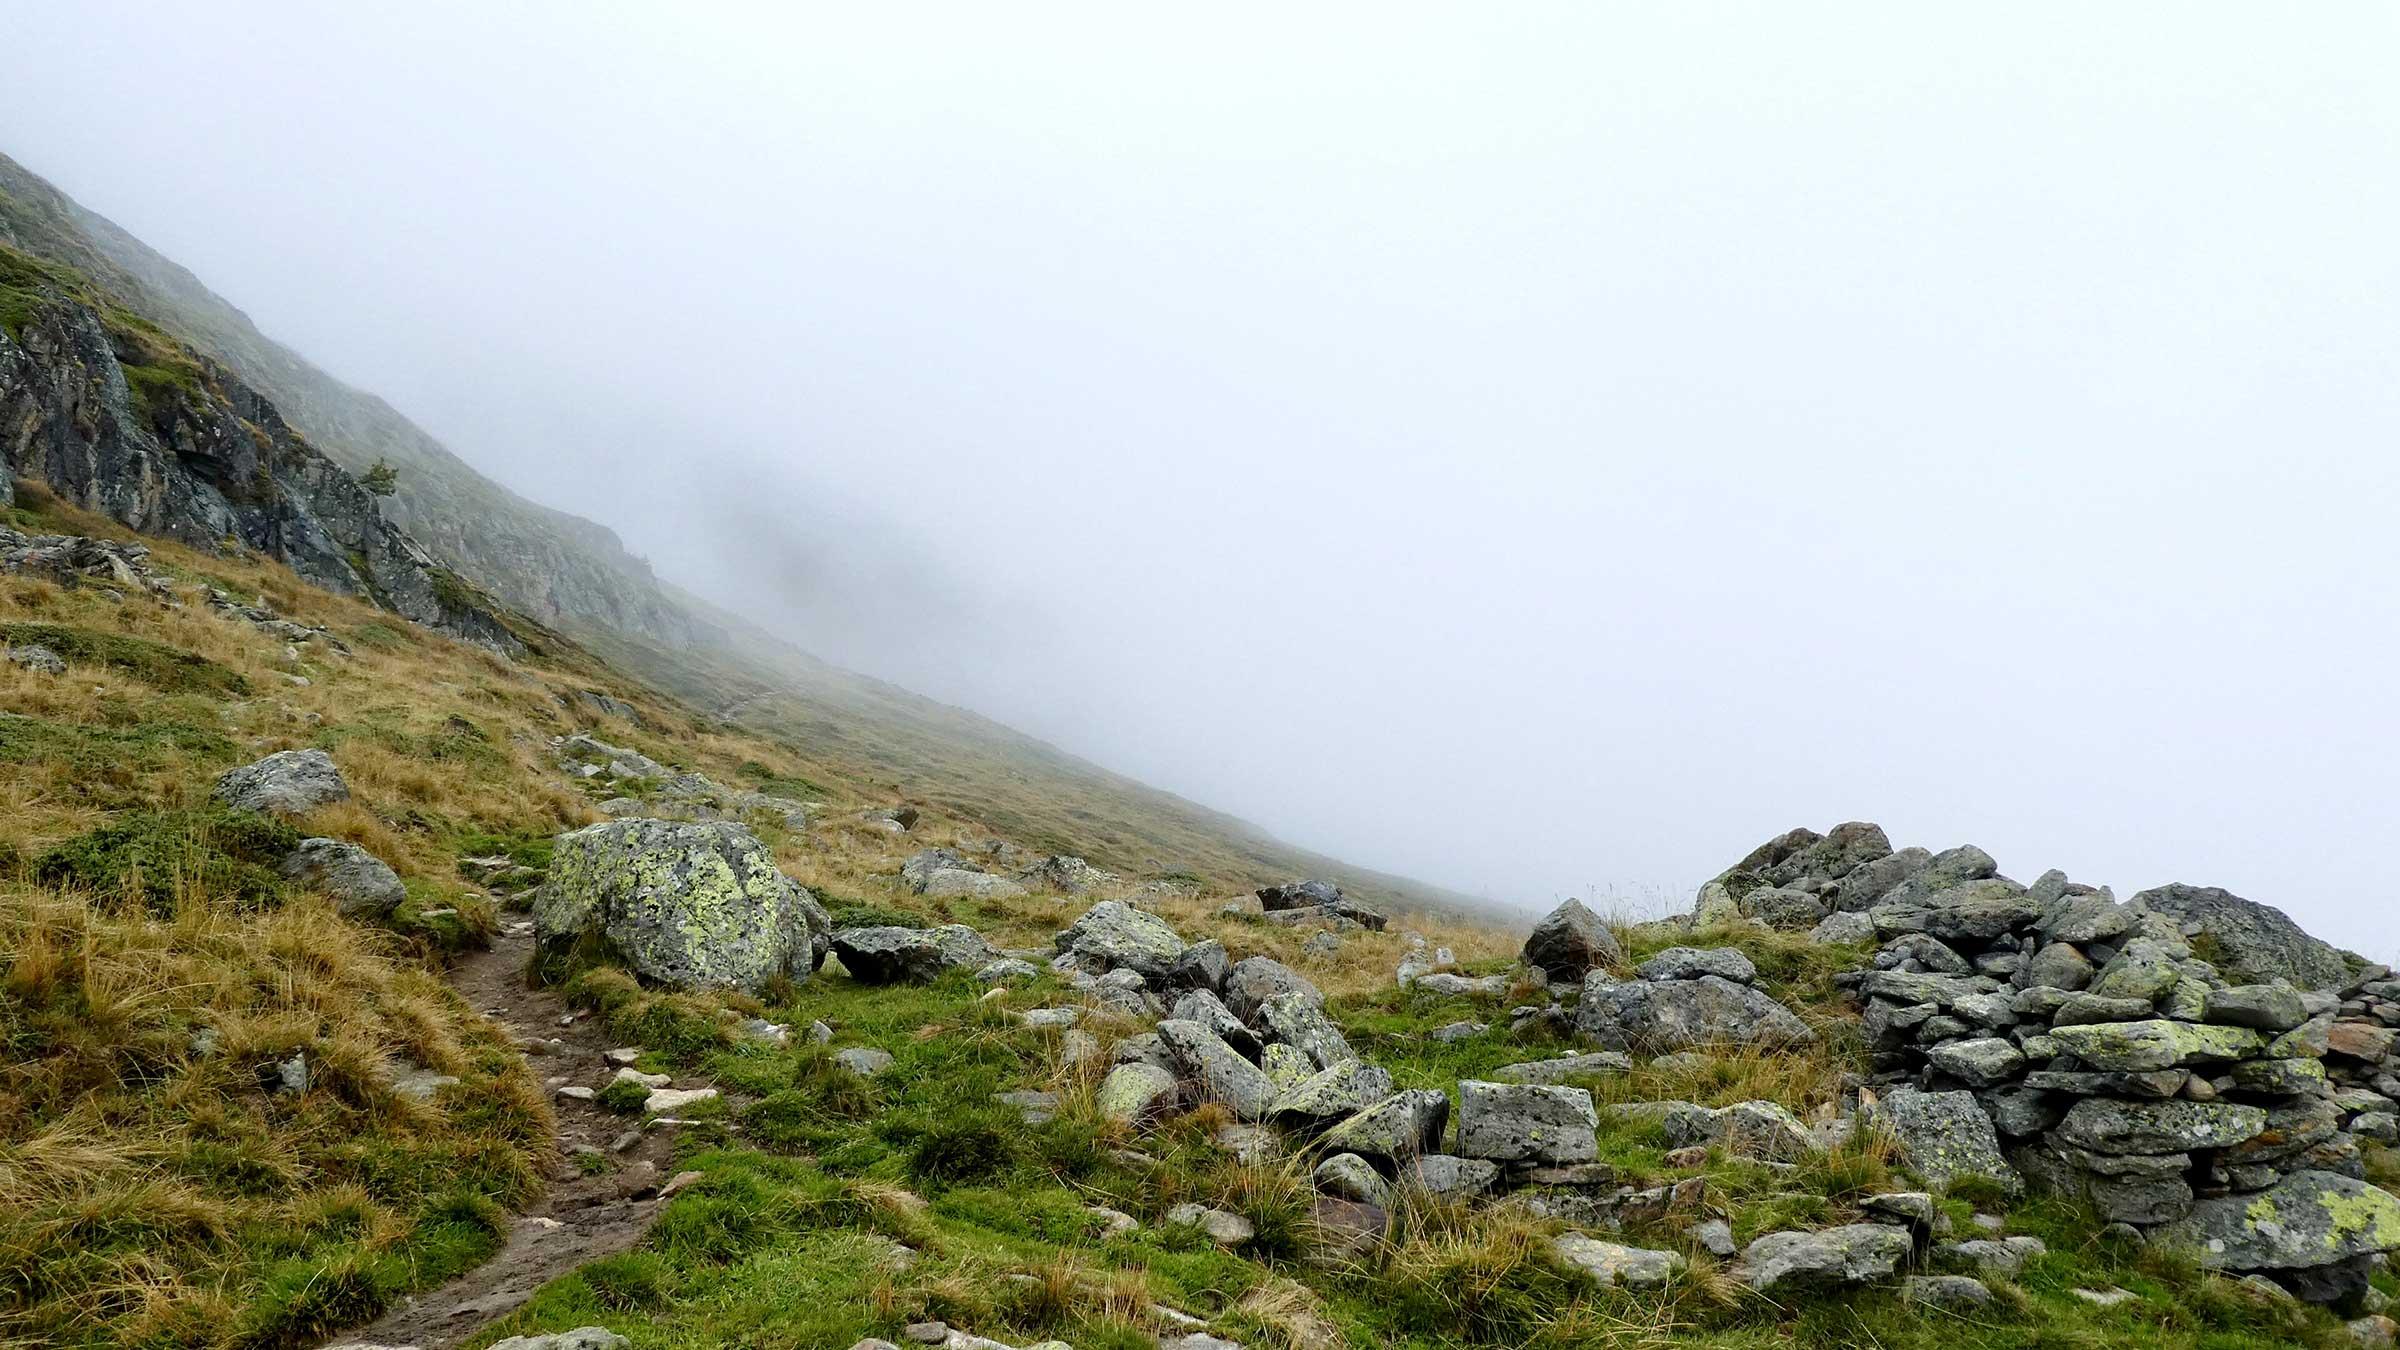 Ötztaler Höhenweg - Unterwegs auf dem Ötztaler Urweg